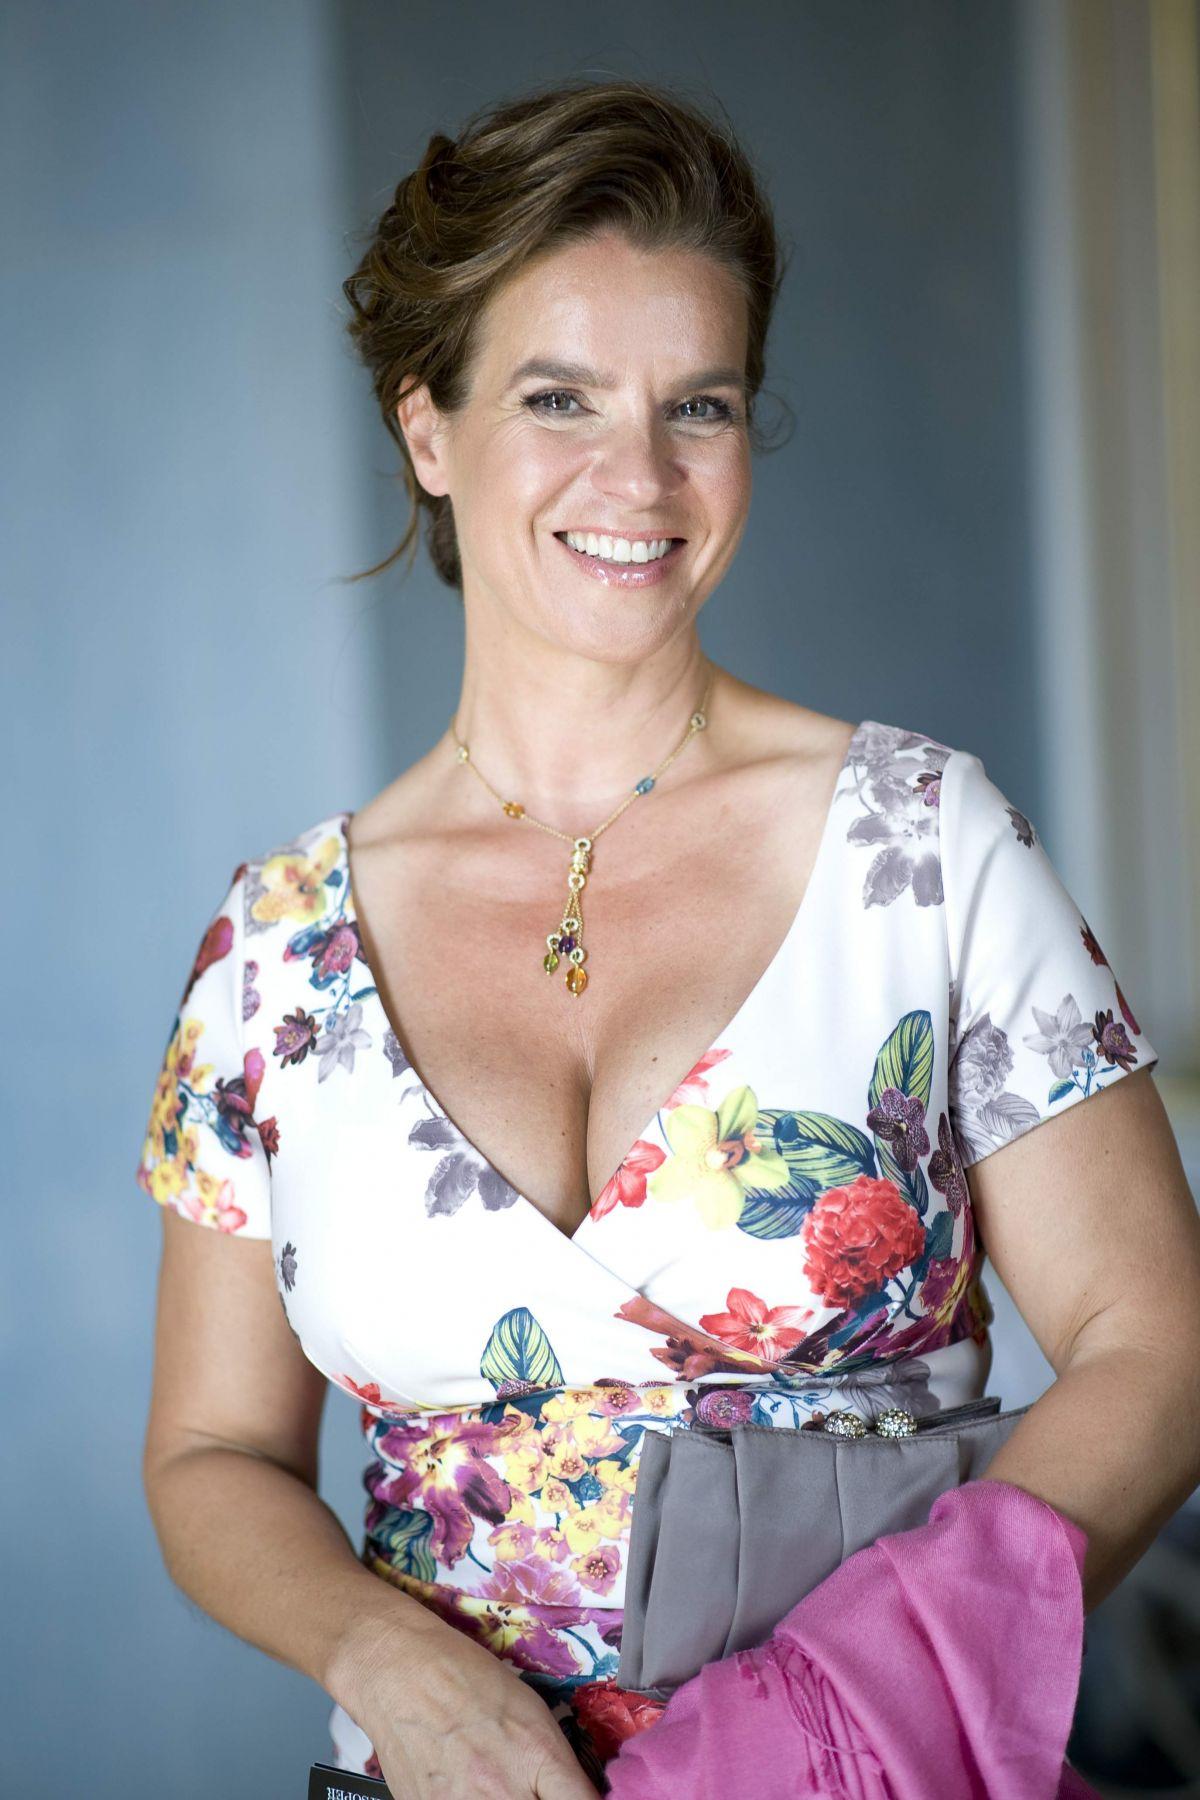 Katrina Witt Tits 60